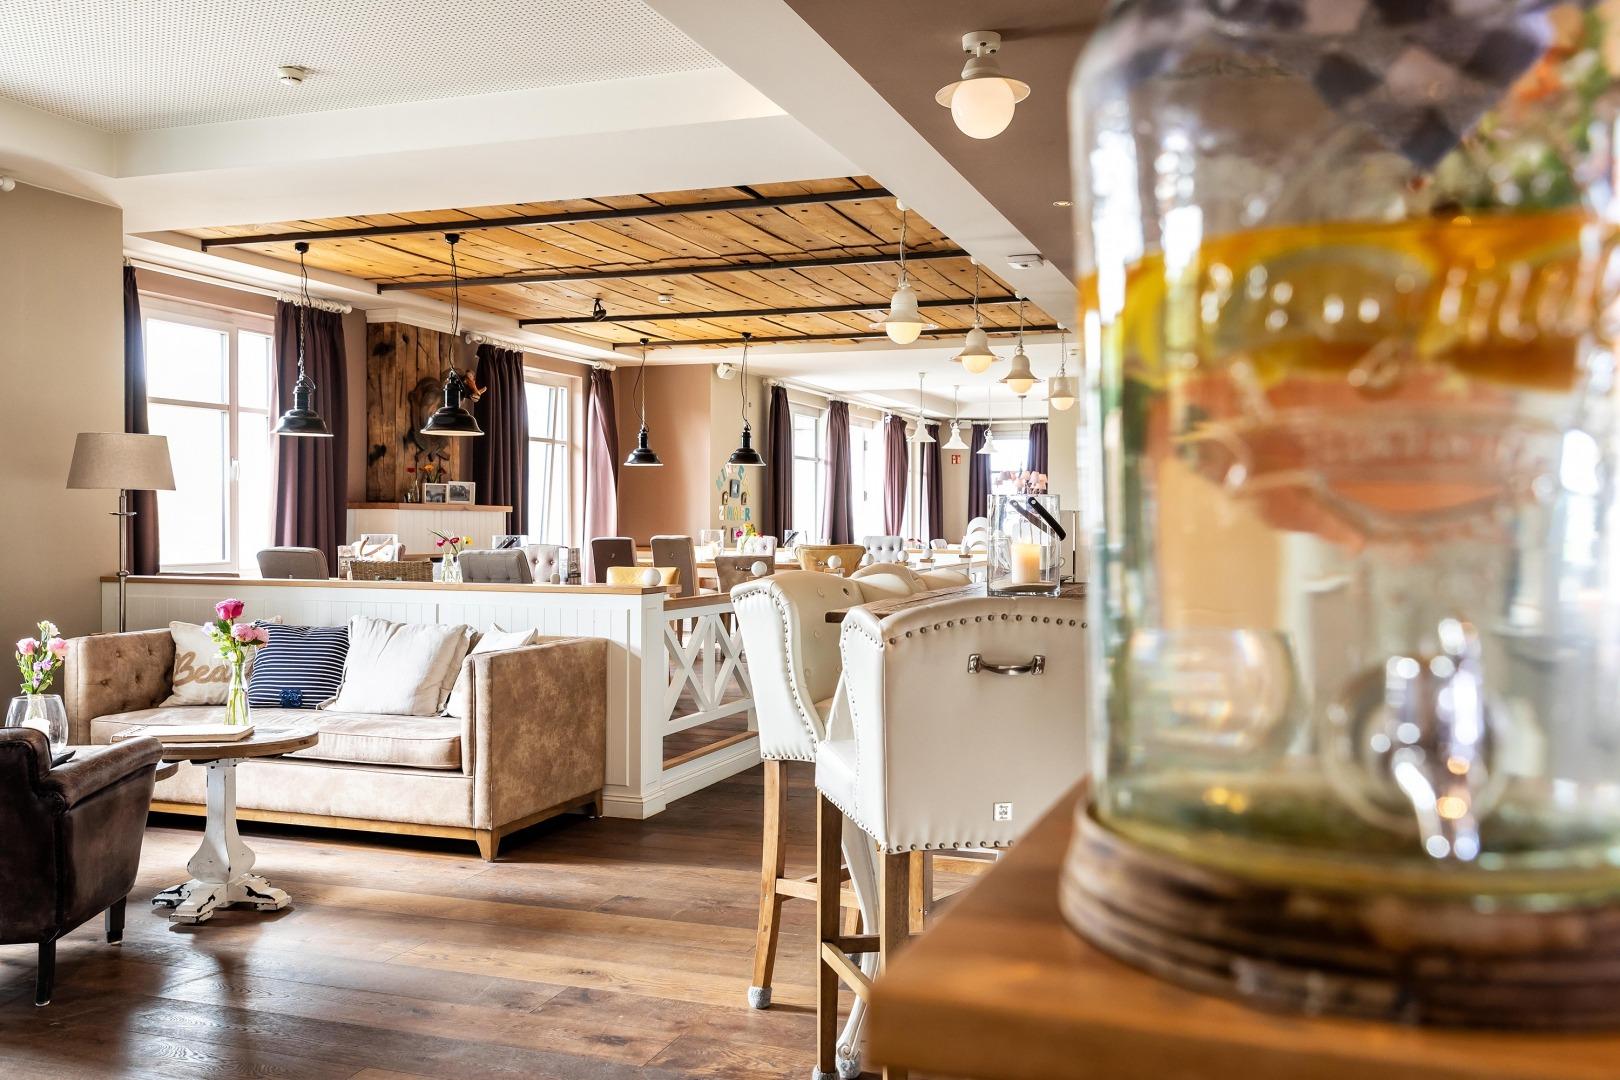 Gastronomie | Restaurant Esszimmer | Strandhotel Zweite Heimat